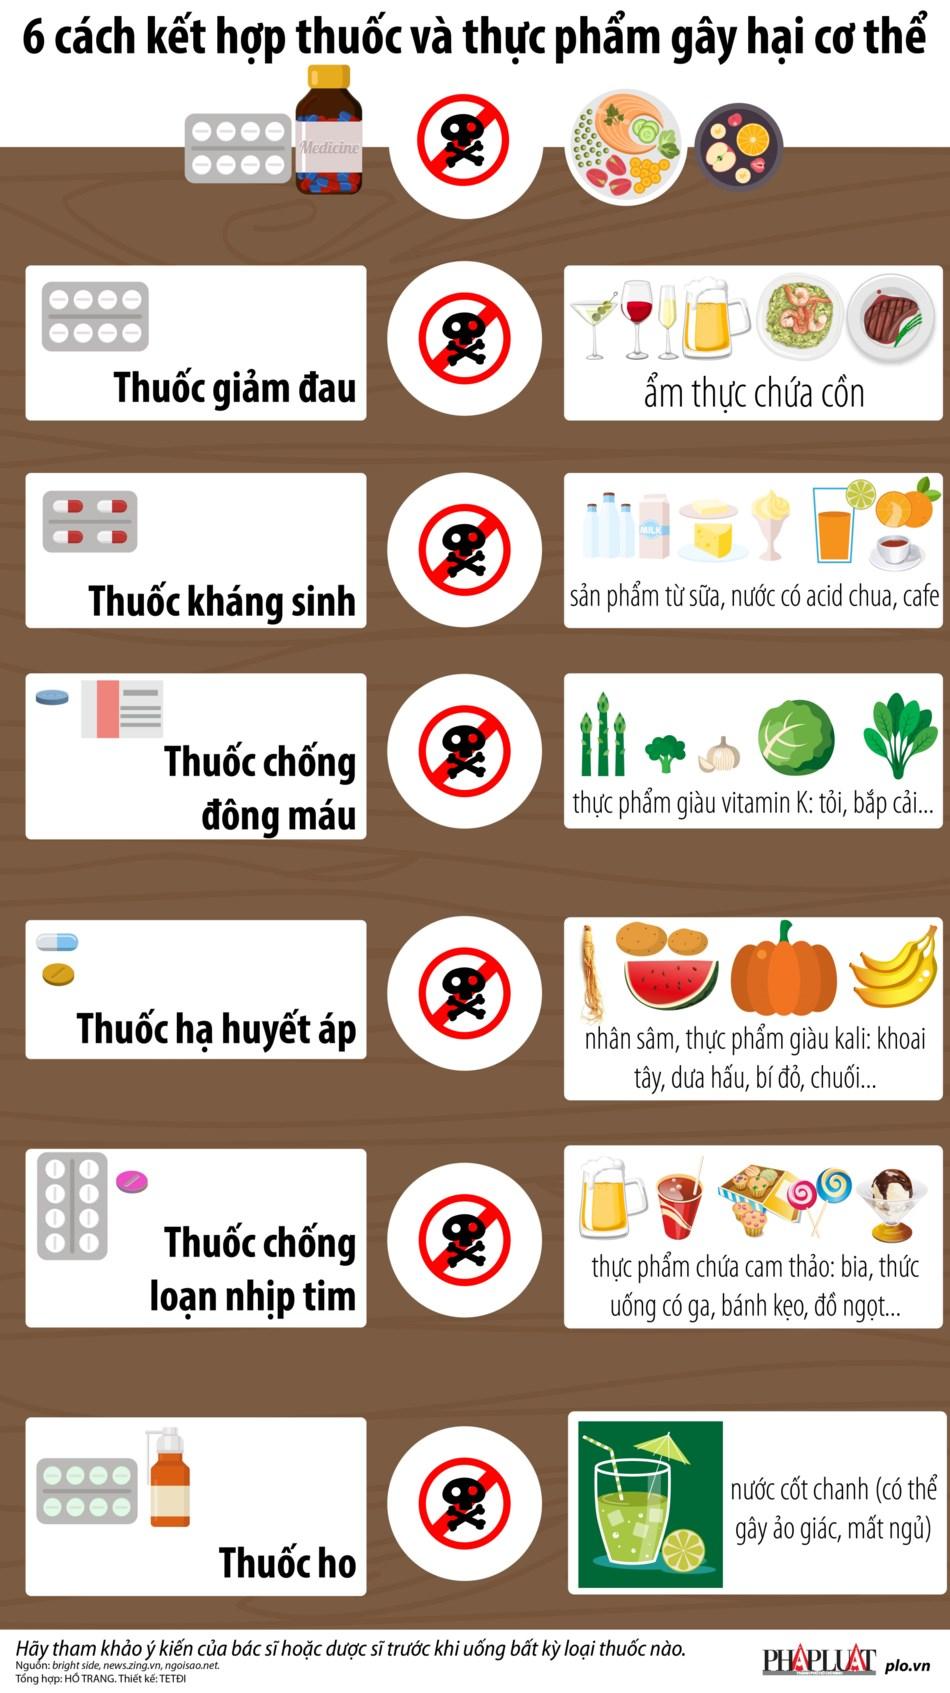 6 cách kết hợp thuốc và thực phẩm gây hại cơ thể - 1